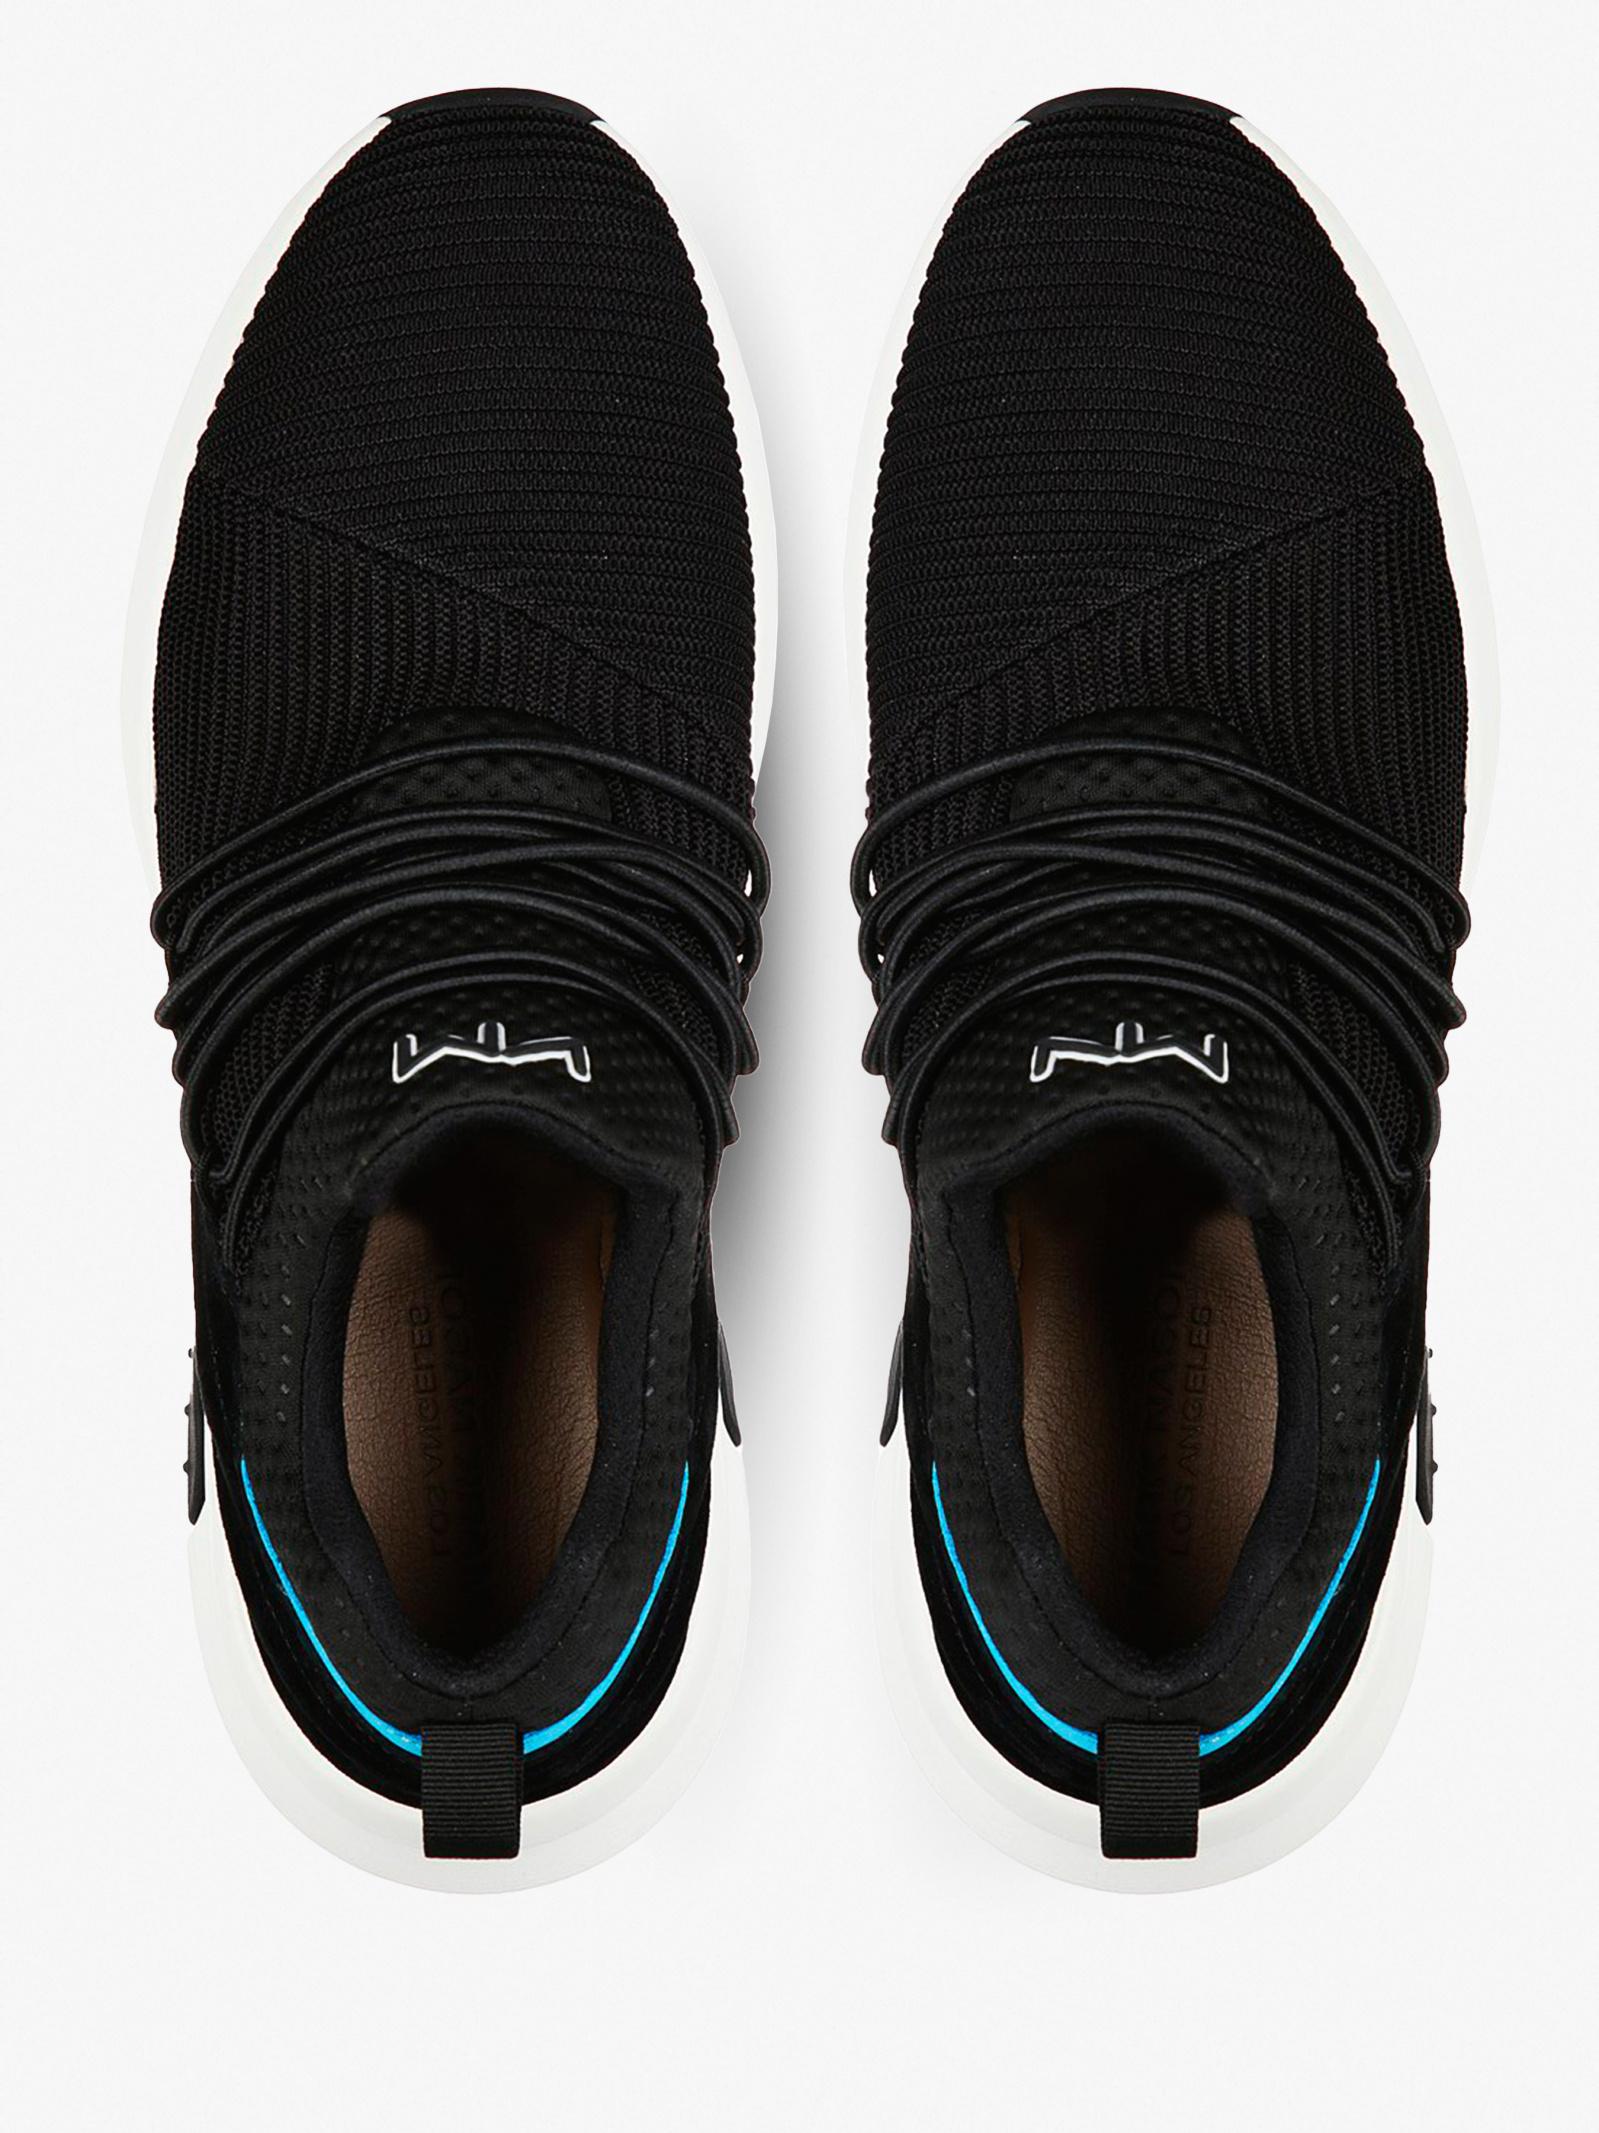 Кроссовки для мужчин Skechers USA Streetwear 222006 BLK цена, 2017